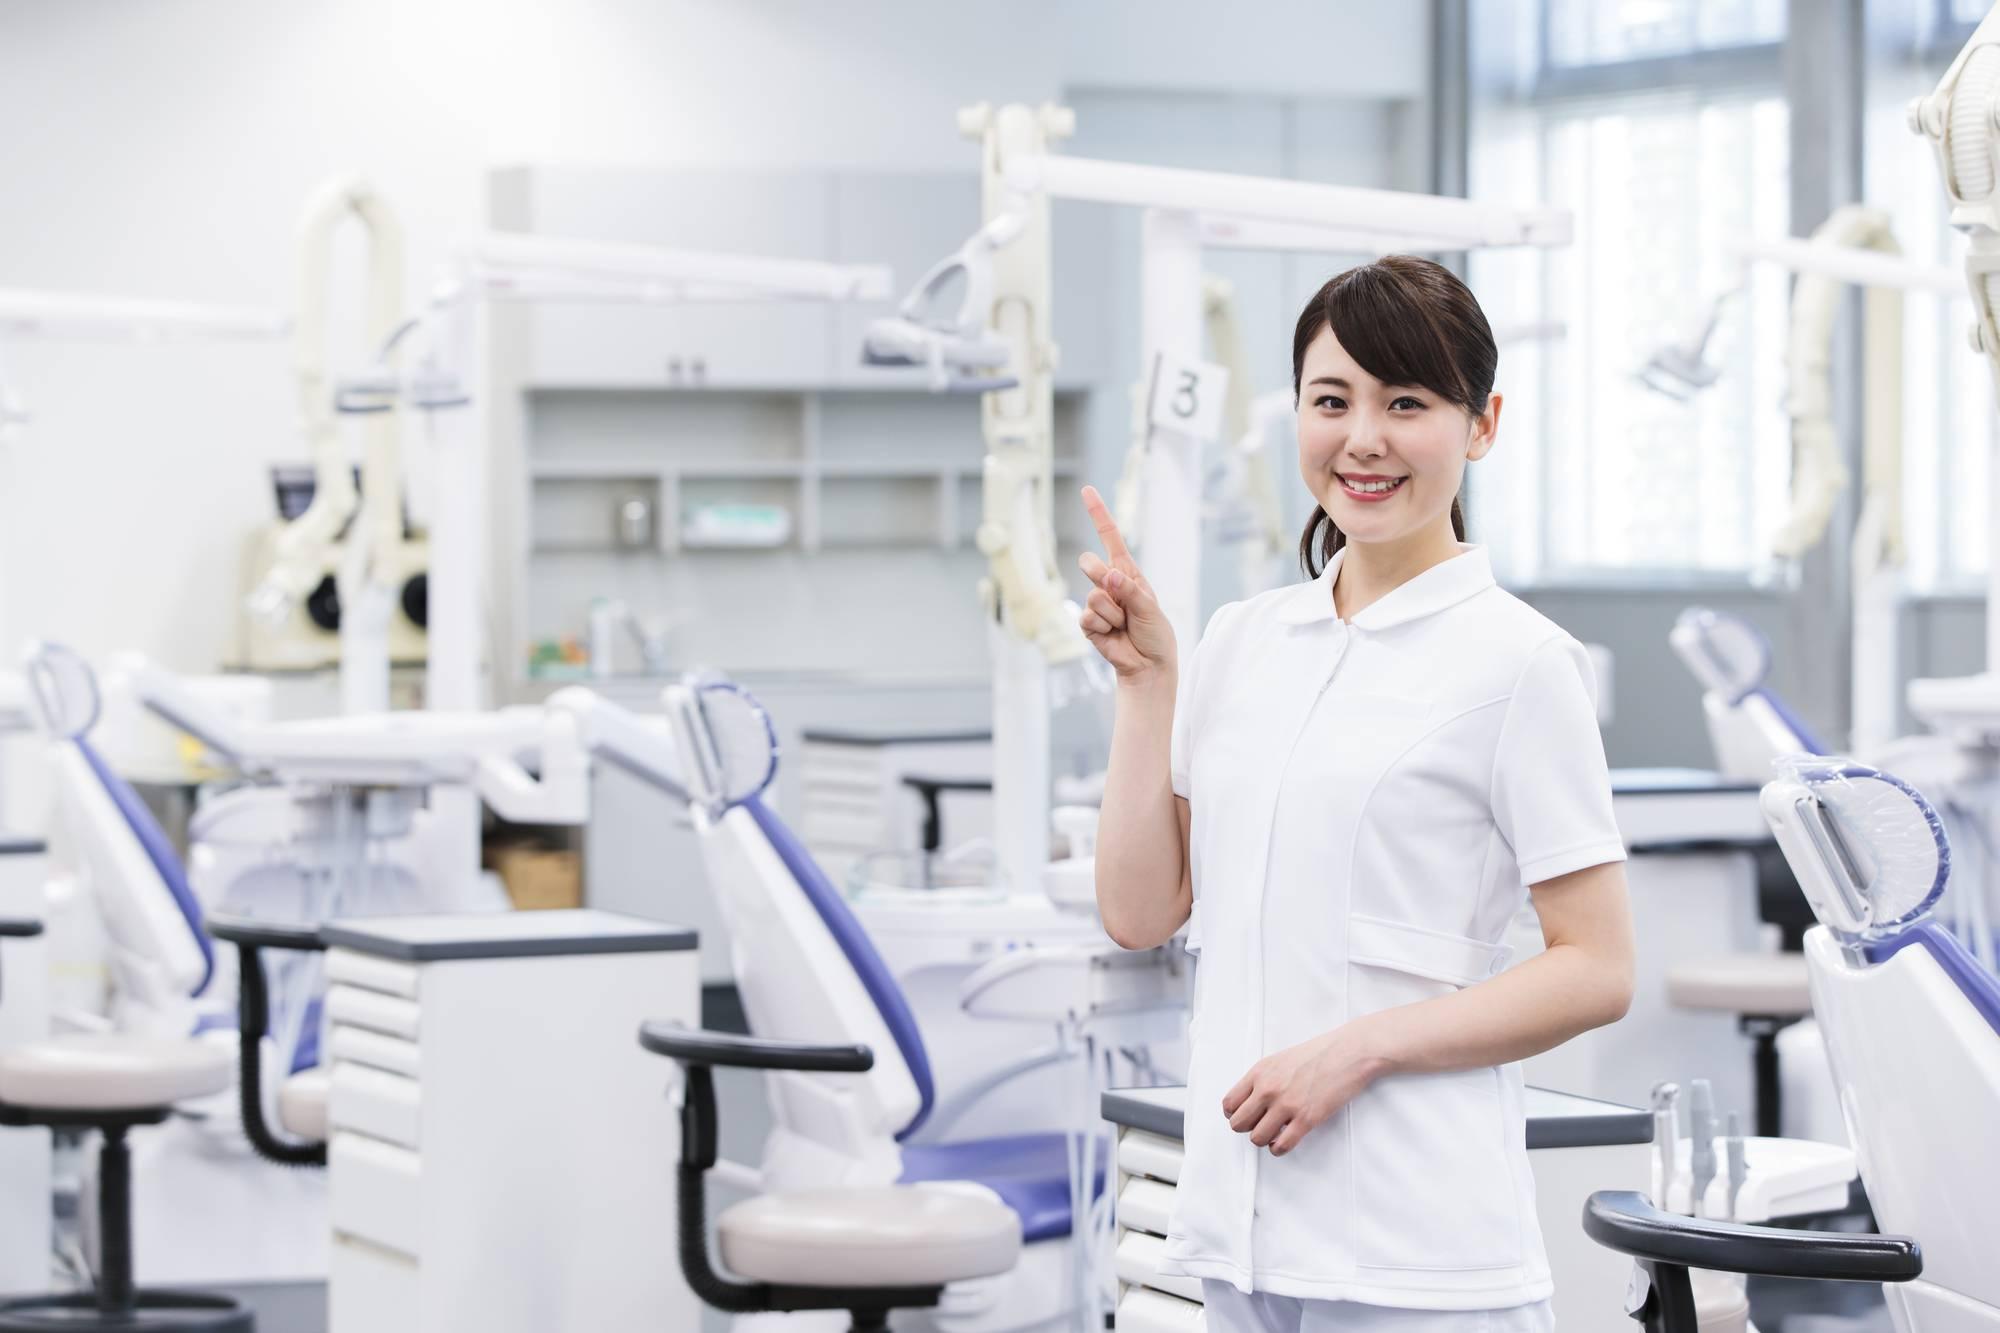 解説する歯科衛生士